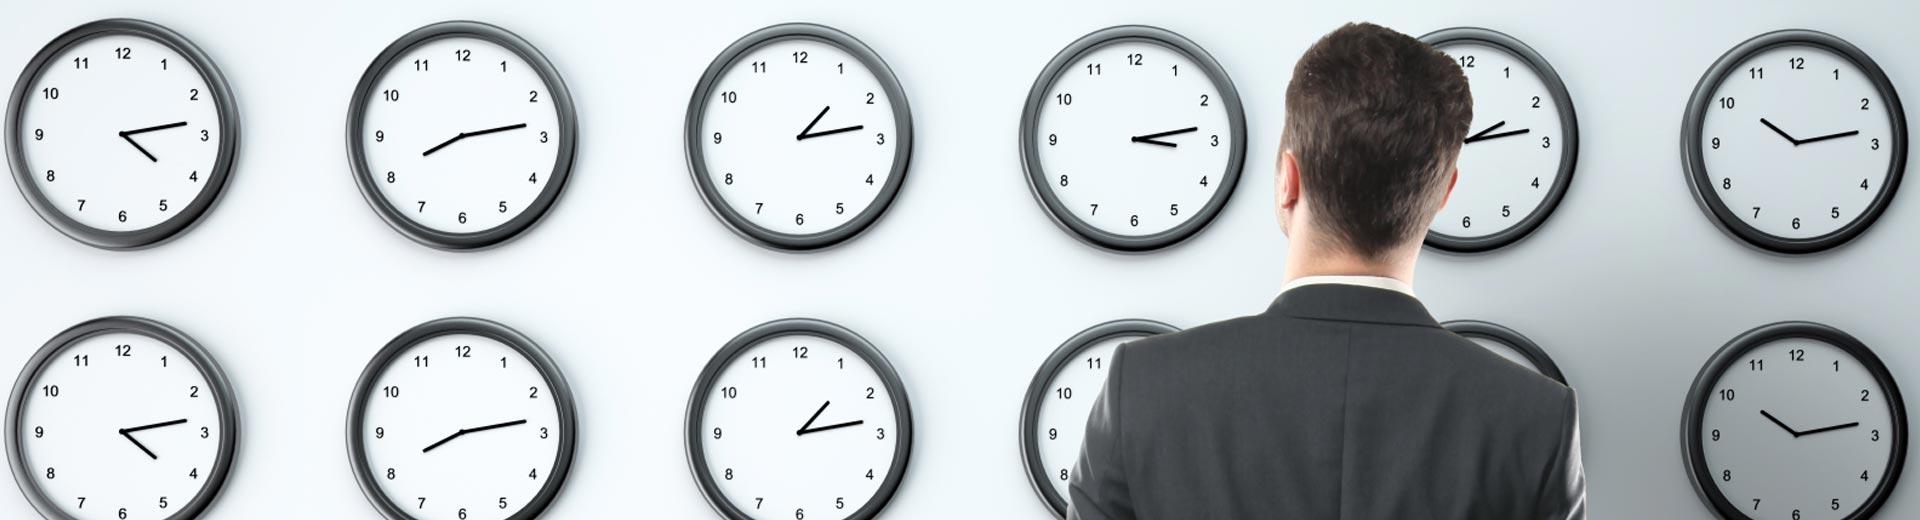 6 ιδιαιτέρως χρήσιμα tips για αποτελεσματική διαχείριση χρόνου